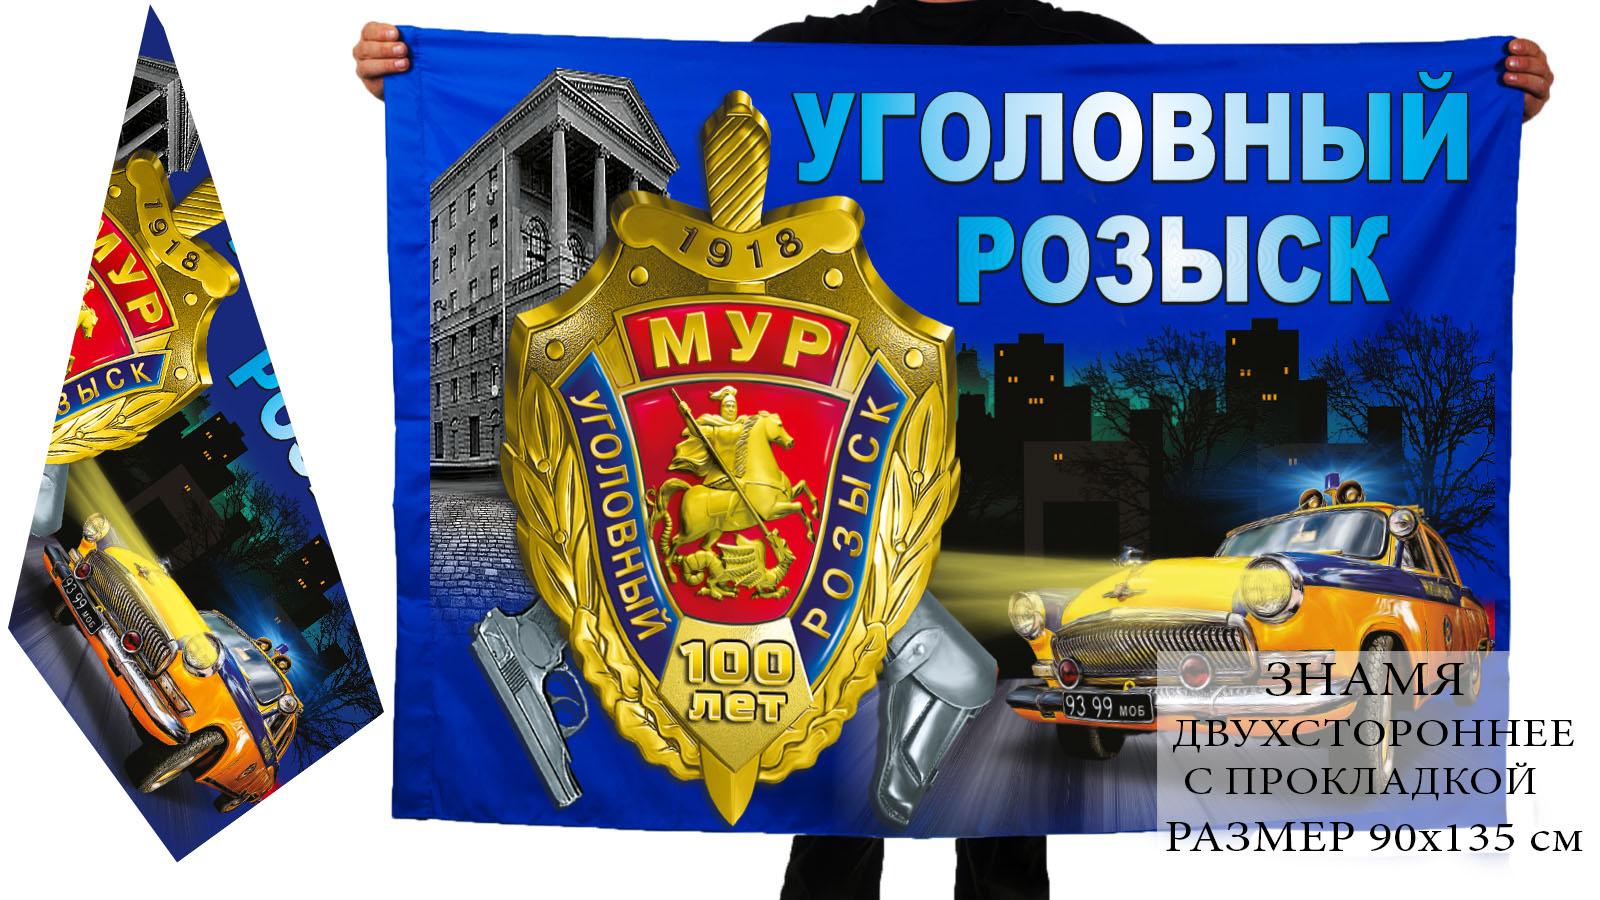 Заказать недорого двухсторонний флаг к 100-летию Московского Уголовного розыска